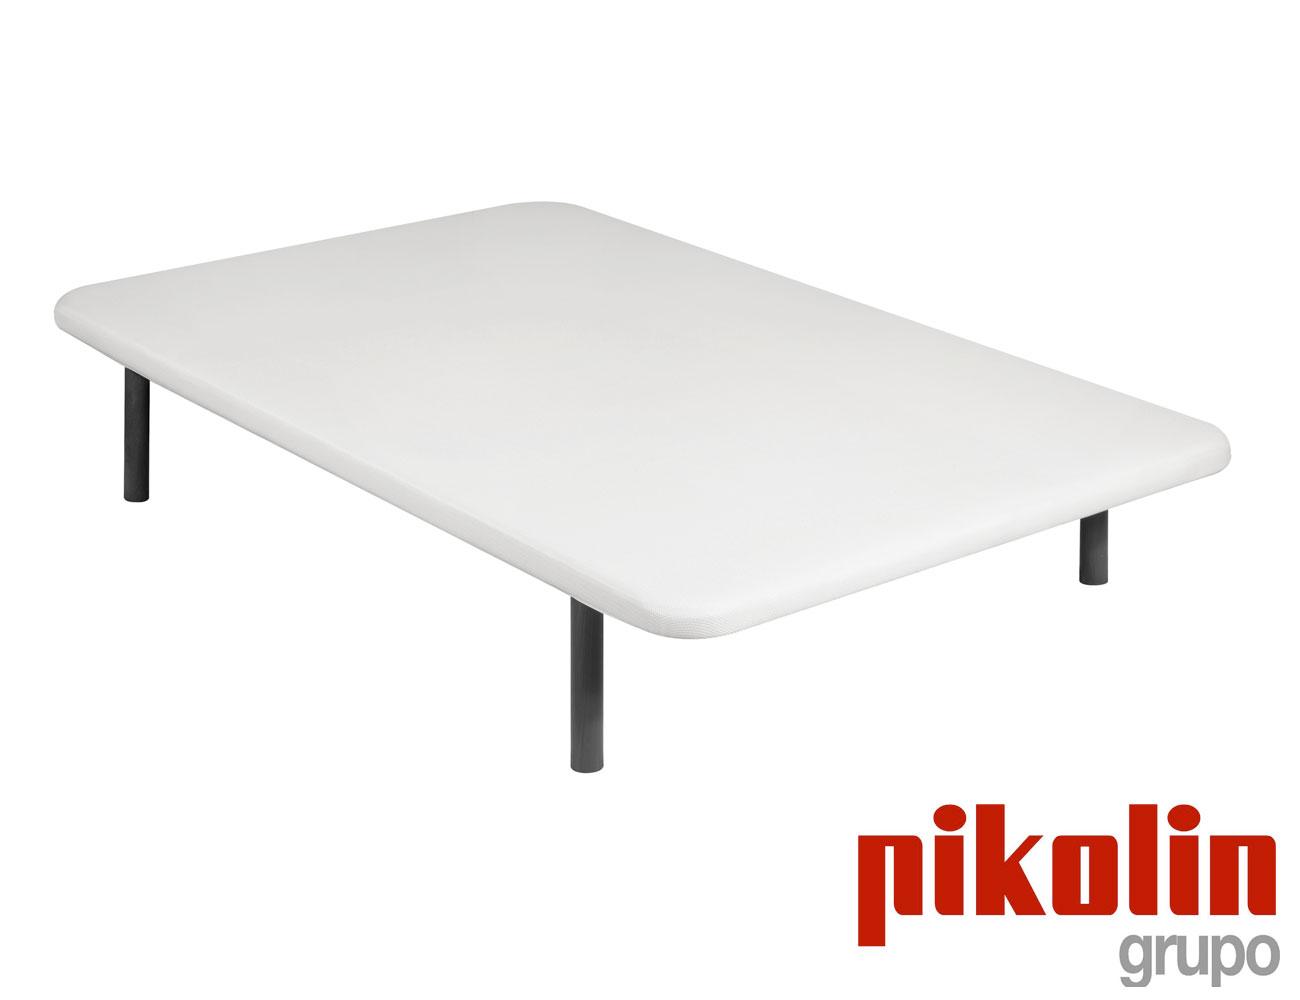 Base tapizada pikolin blanca11